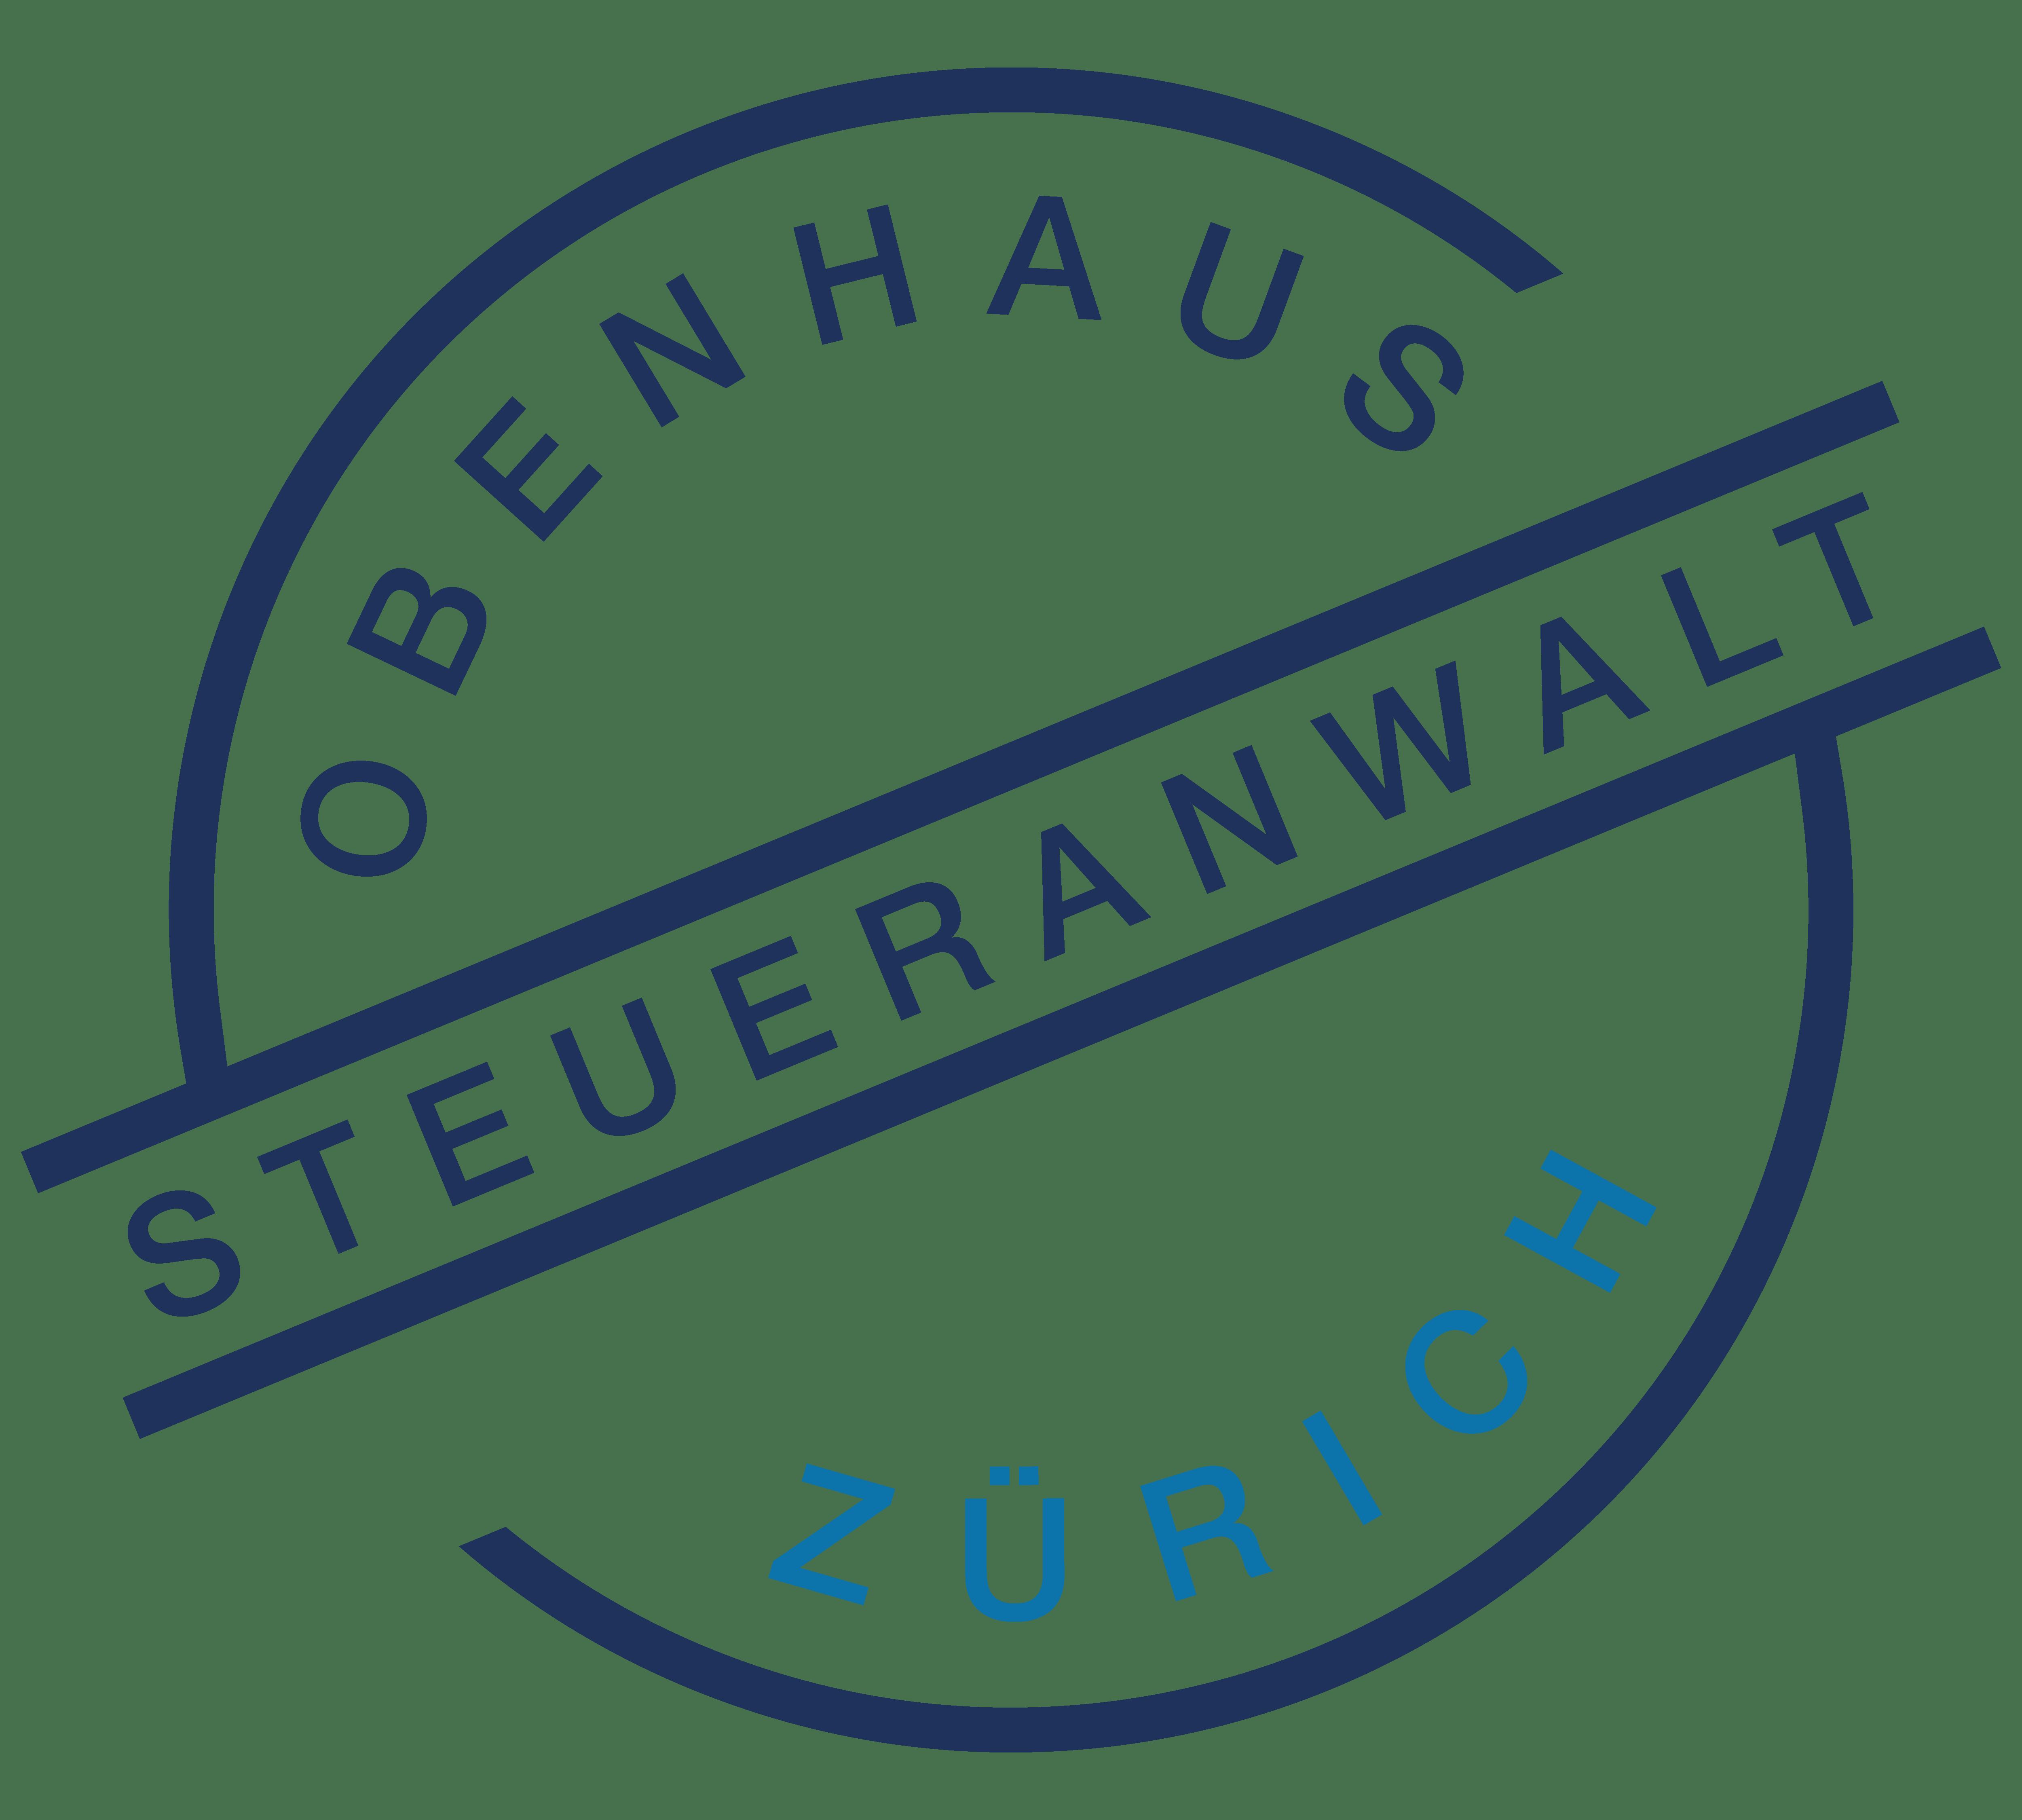 OBENHAUS Steueranwalt Zürich Logo